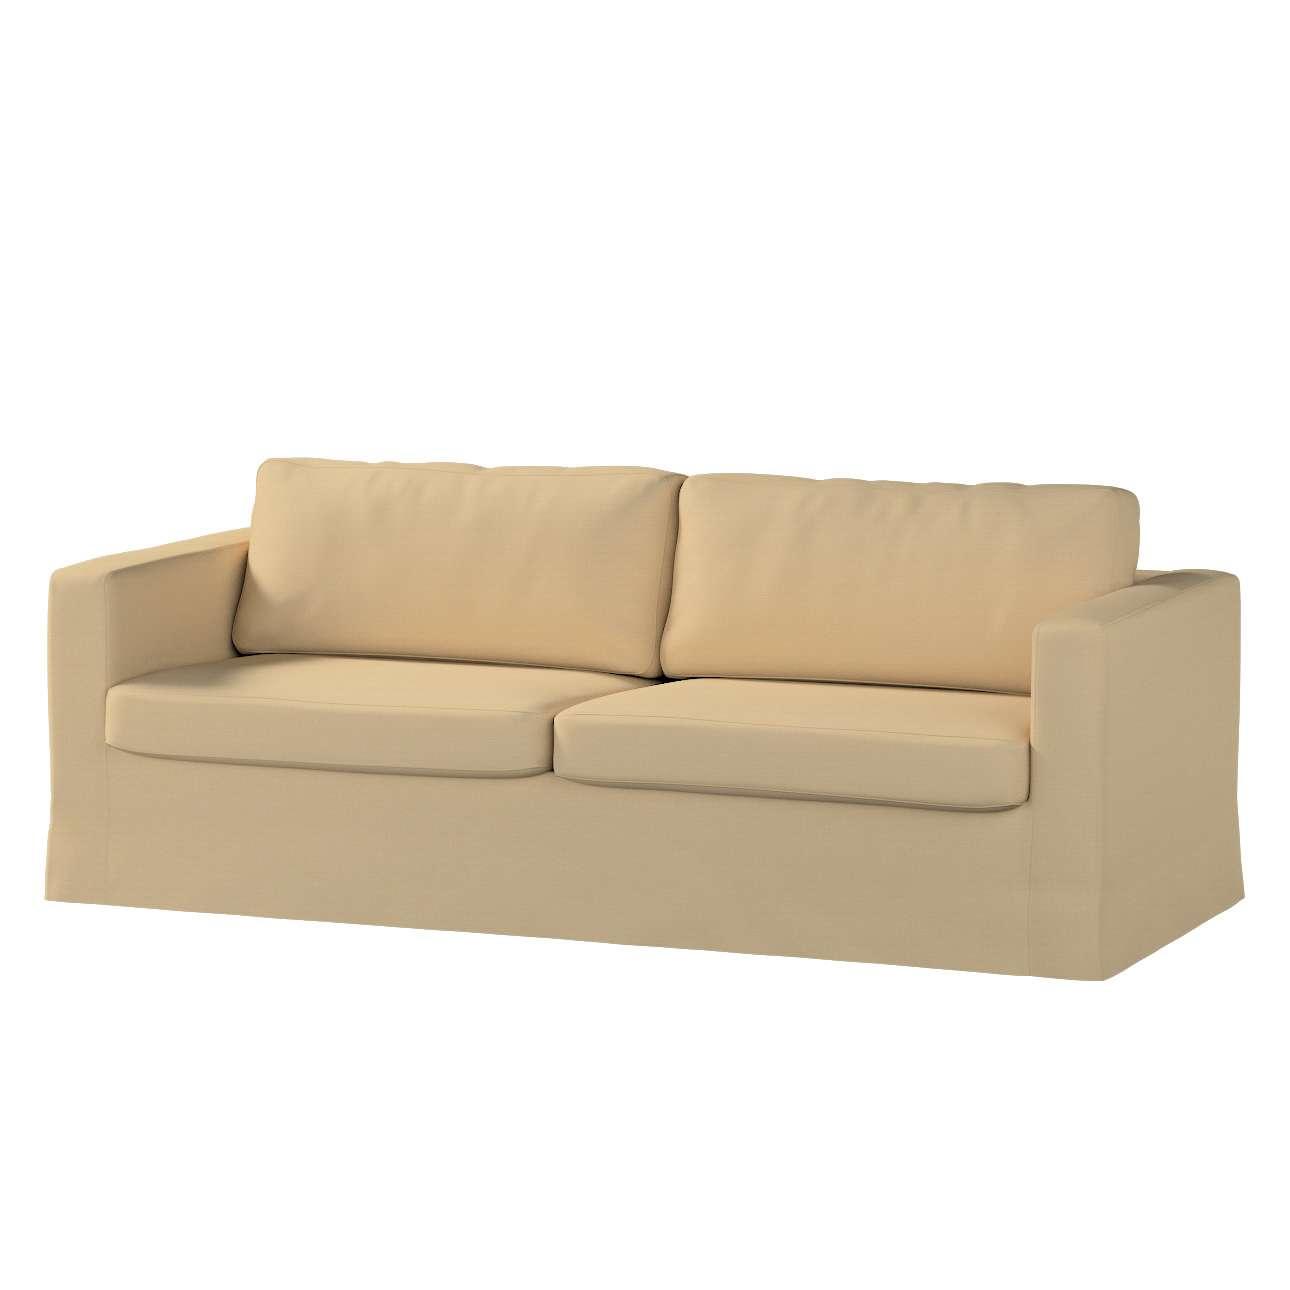 Pokrowiec na sofę Karlstad 3-osobową nierozkładaną, długi Sofa Karlstad 3-osobowa w kolekcji Cotton Panama, tkanina: 702-01